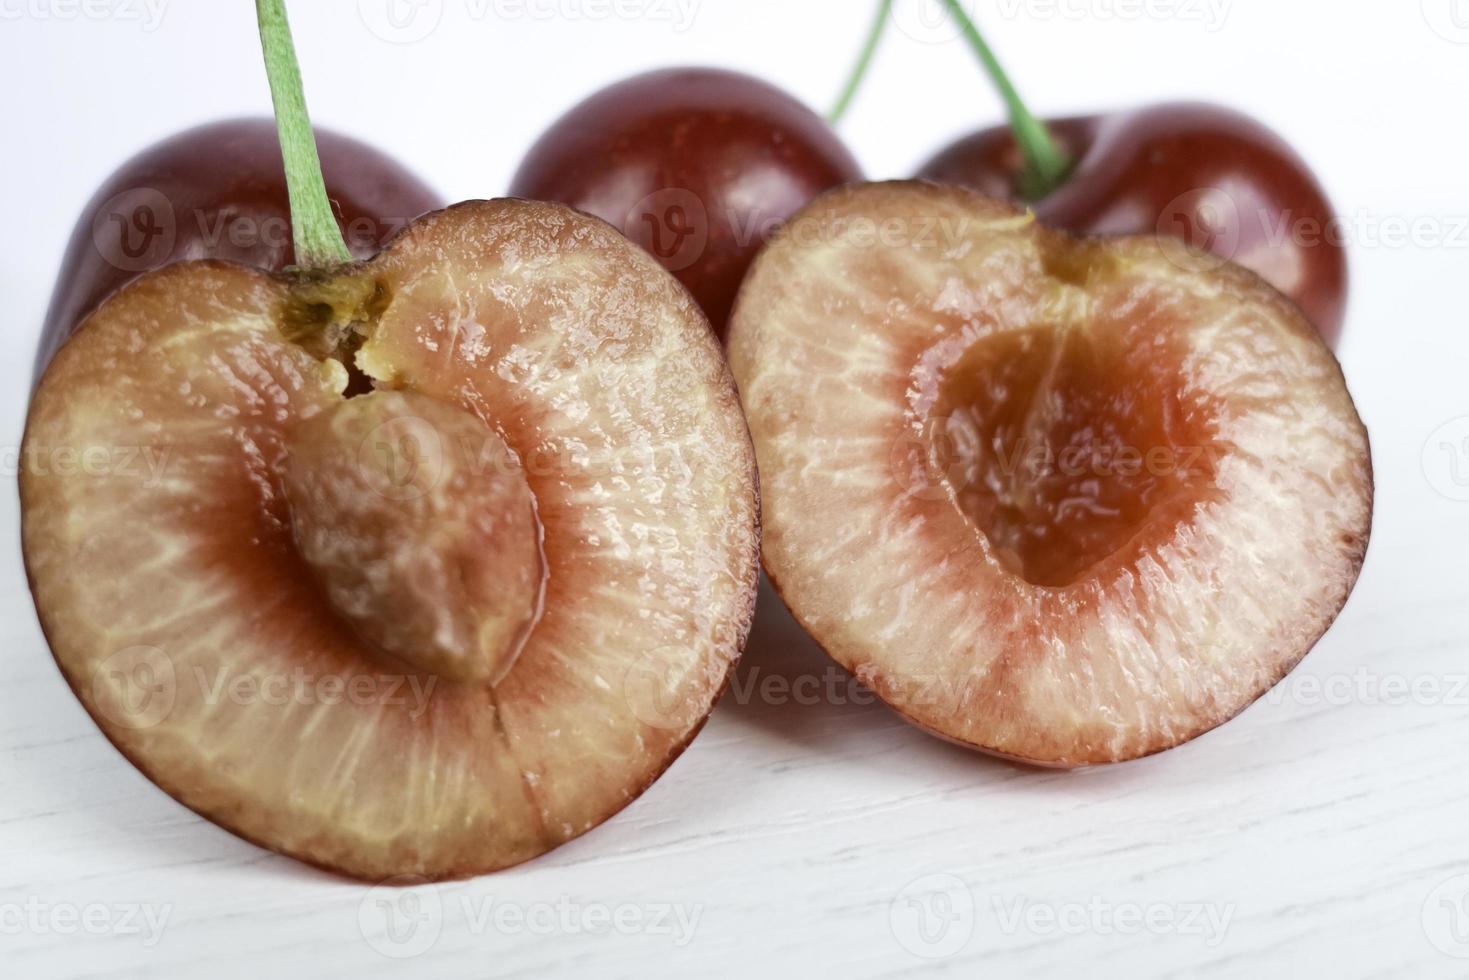 cerises mûres, pulpe rouge. photo